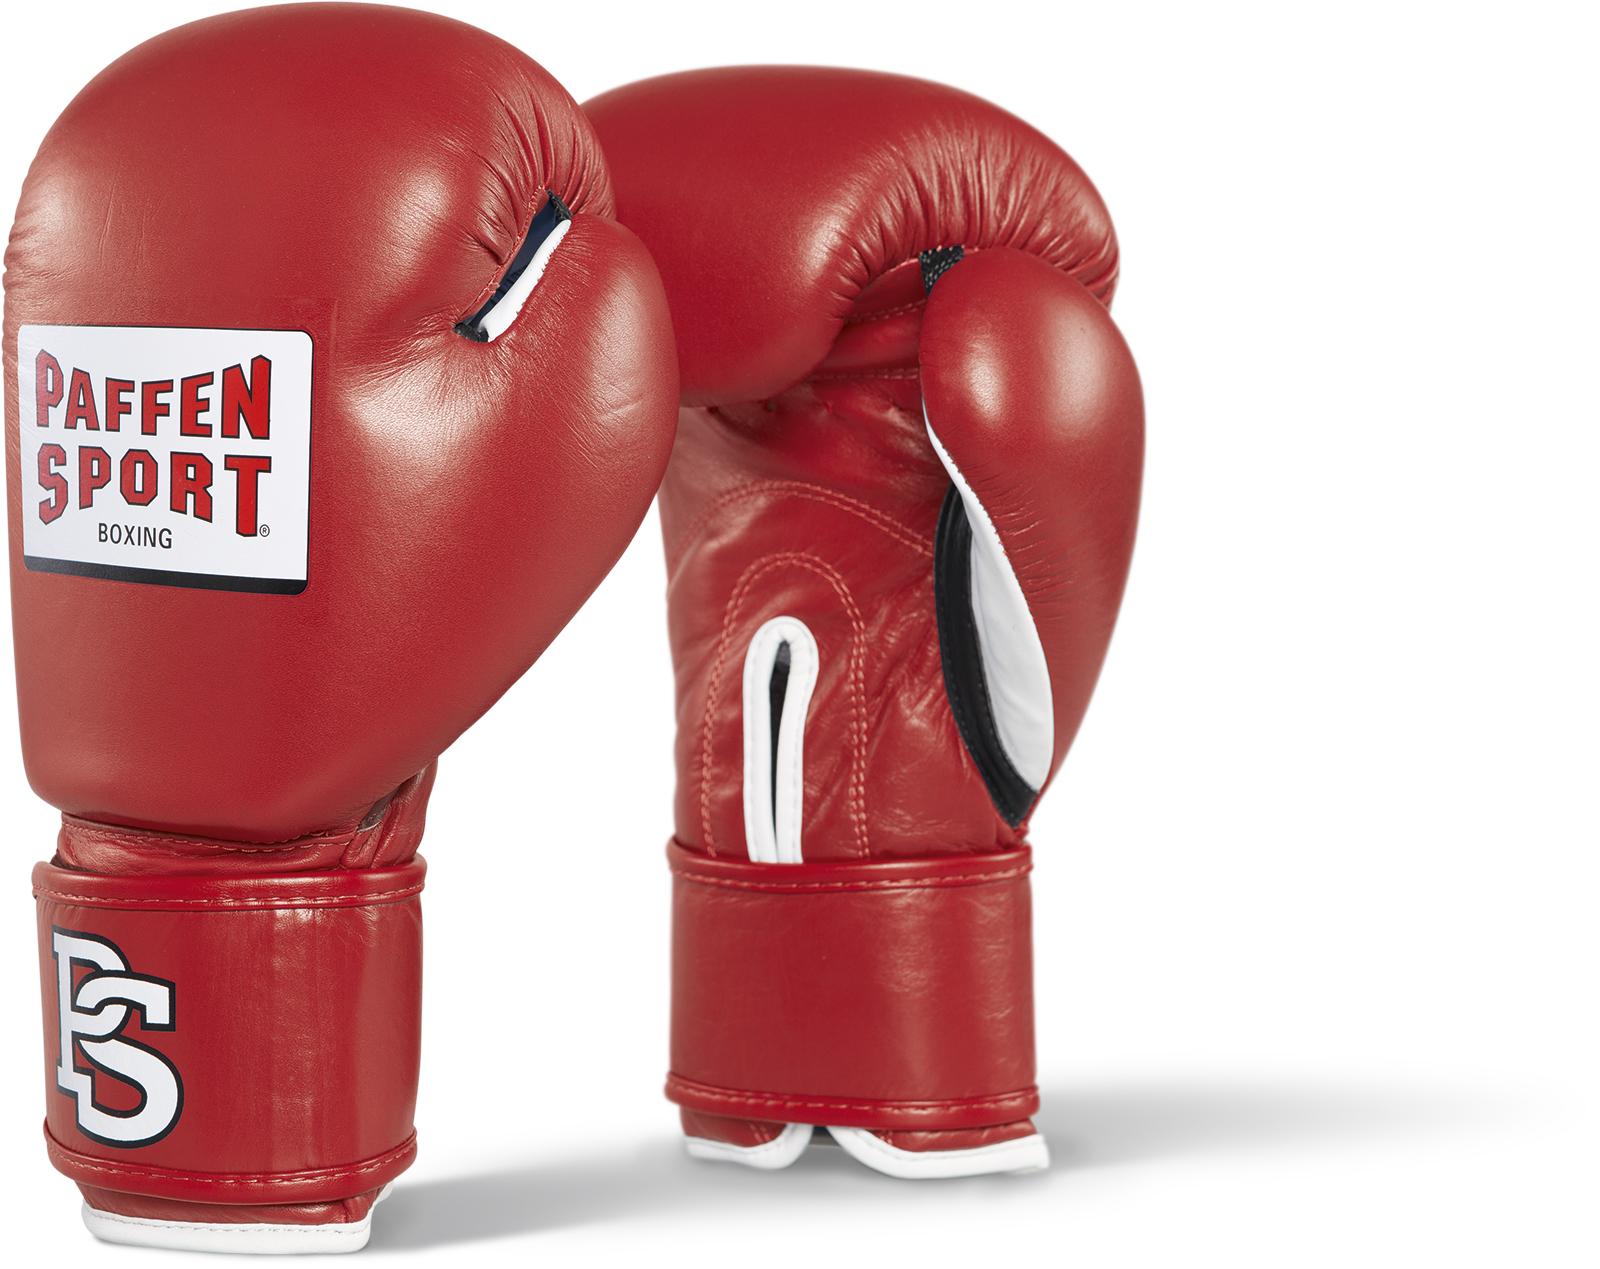 Paffen Sport Contest Handschuhe für den Wettkampf rot mit DBV Prüfmarke